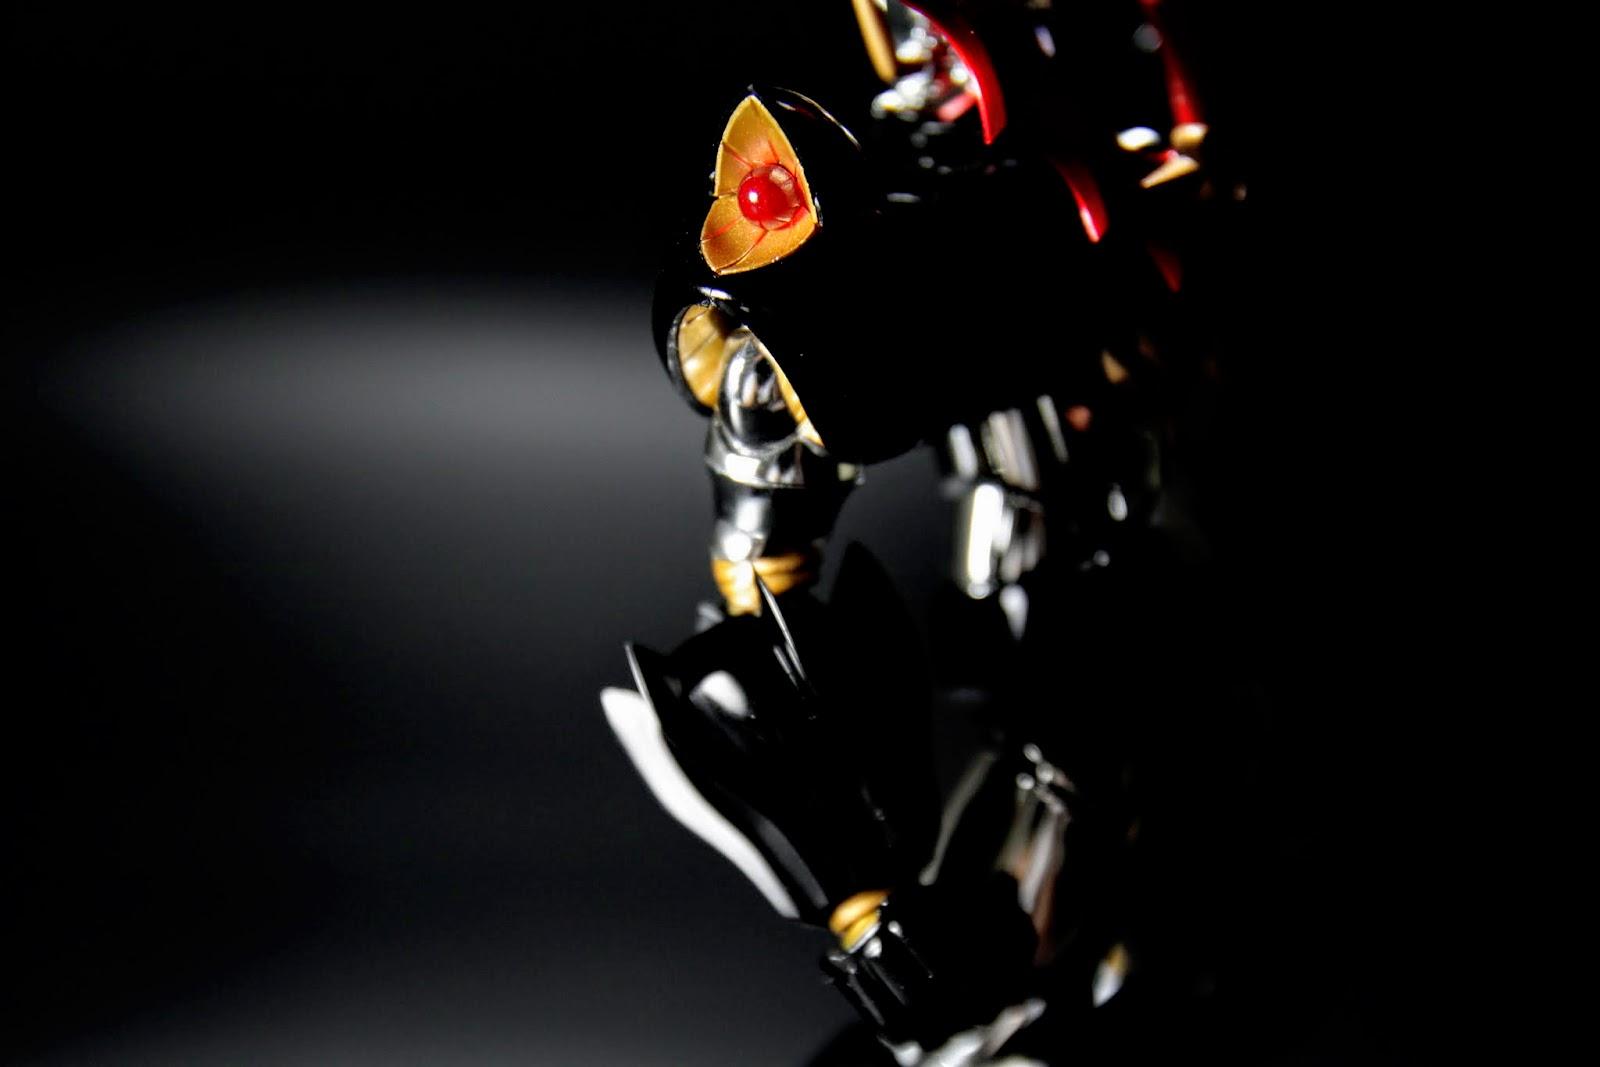 設定上劍是從雙肩裡抽出來的,這種超科技的設定就不要太計較了